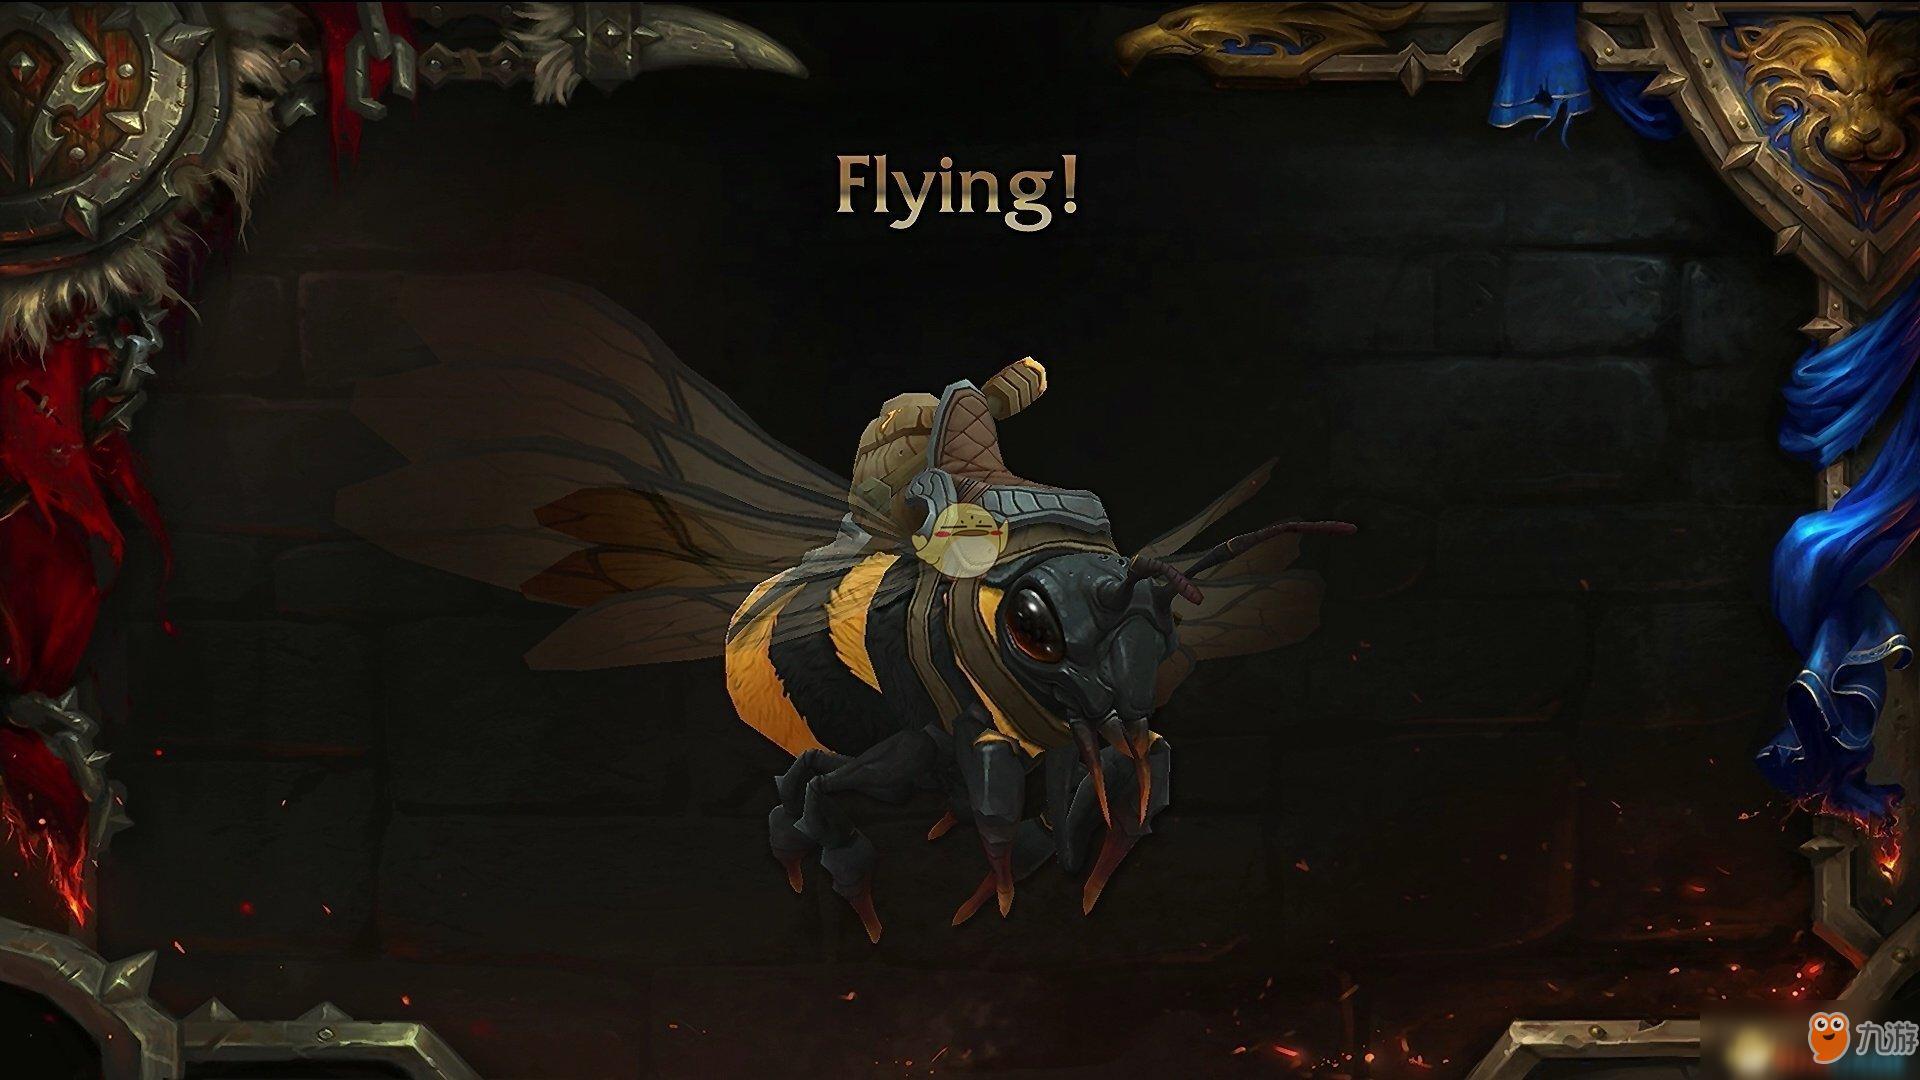 《魔兽世界》8.2飞行坐骑介绍